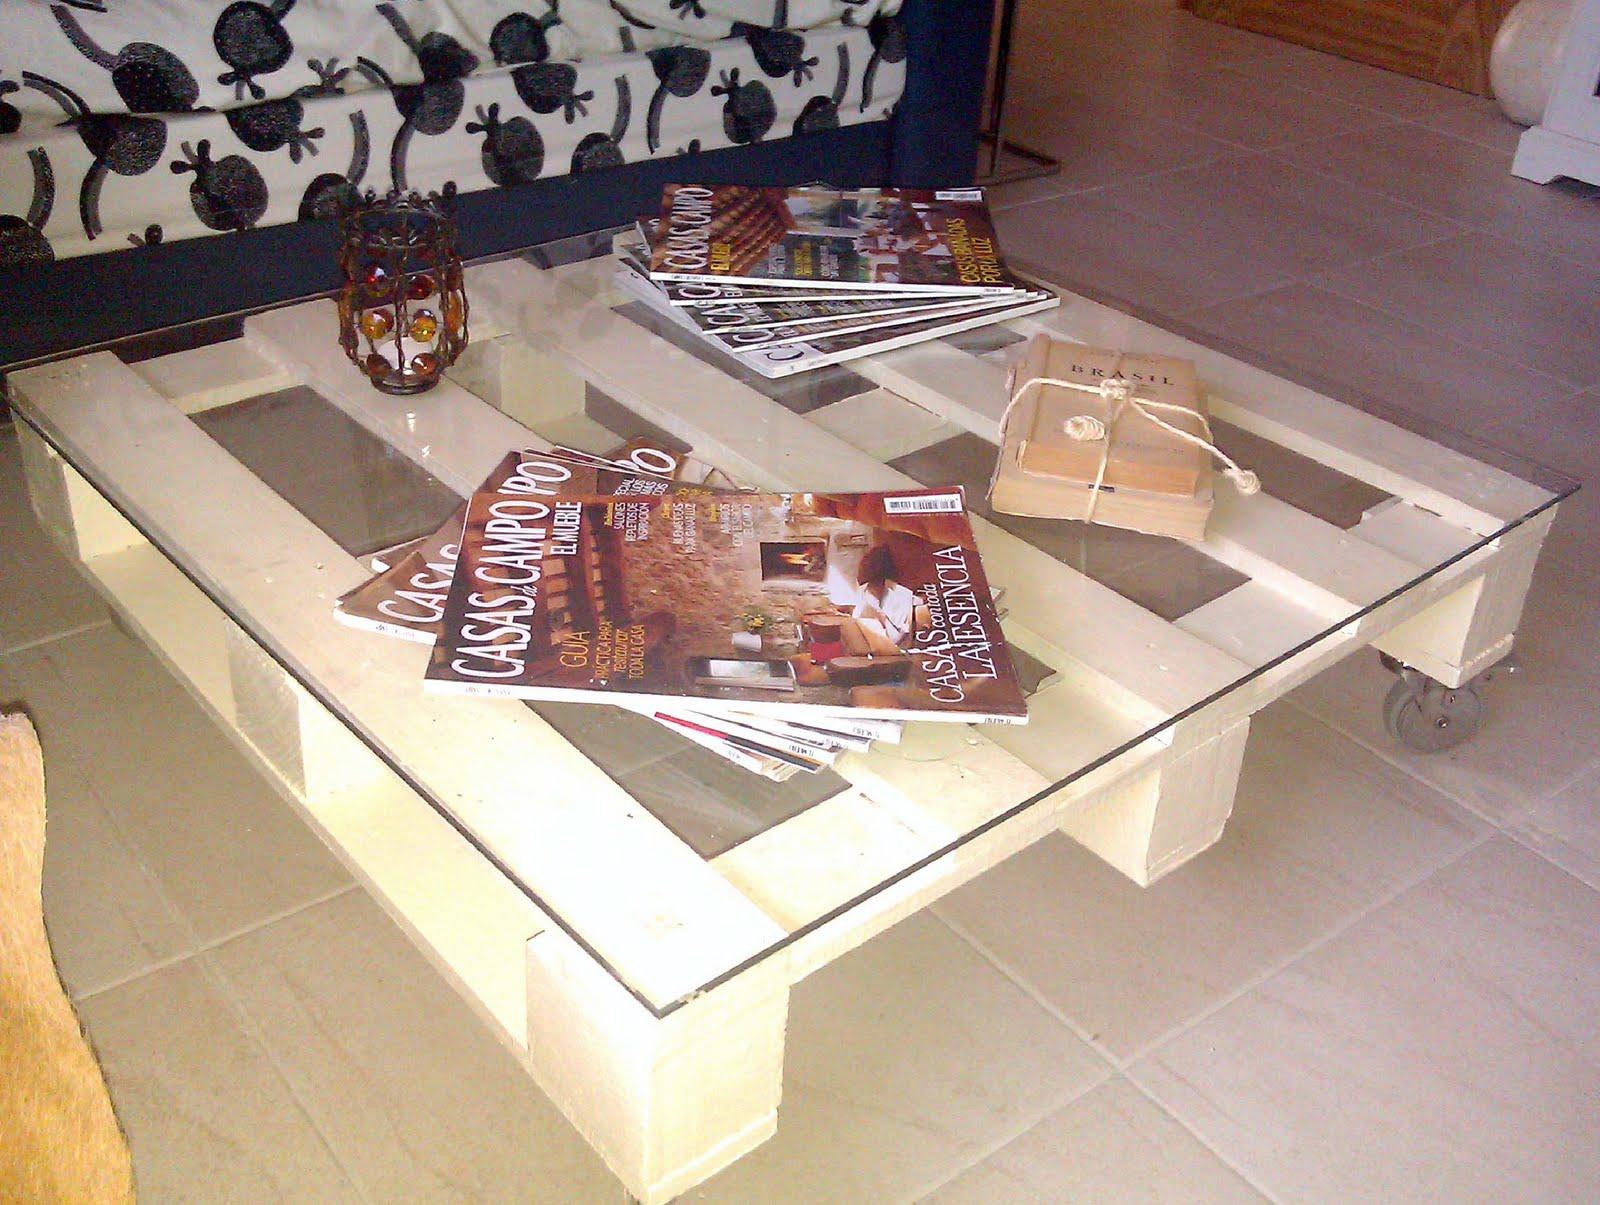 Muebles y objetos hechos con palets de madera y su nueva vid